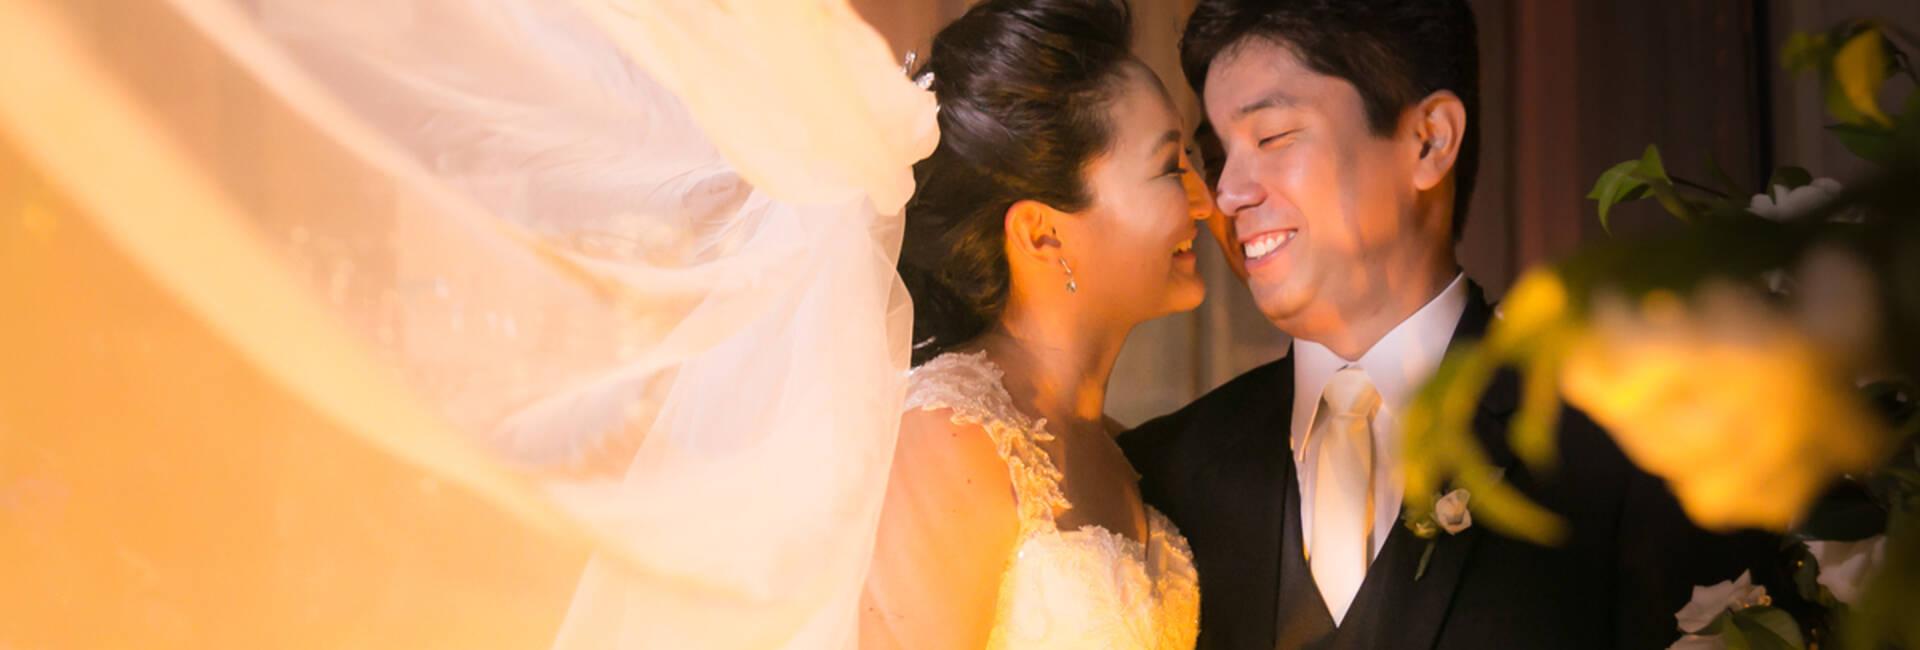 Casamento por: Fernanda C. de Priscila e Marcelo